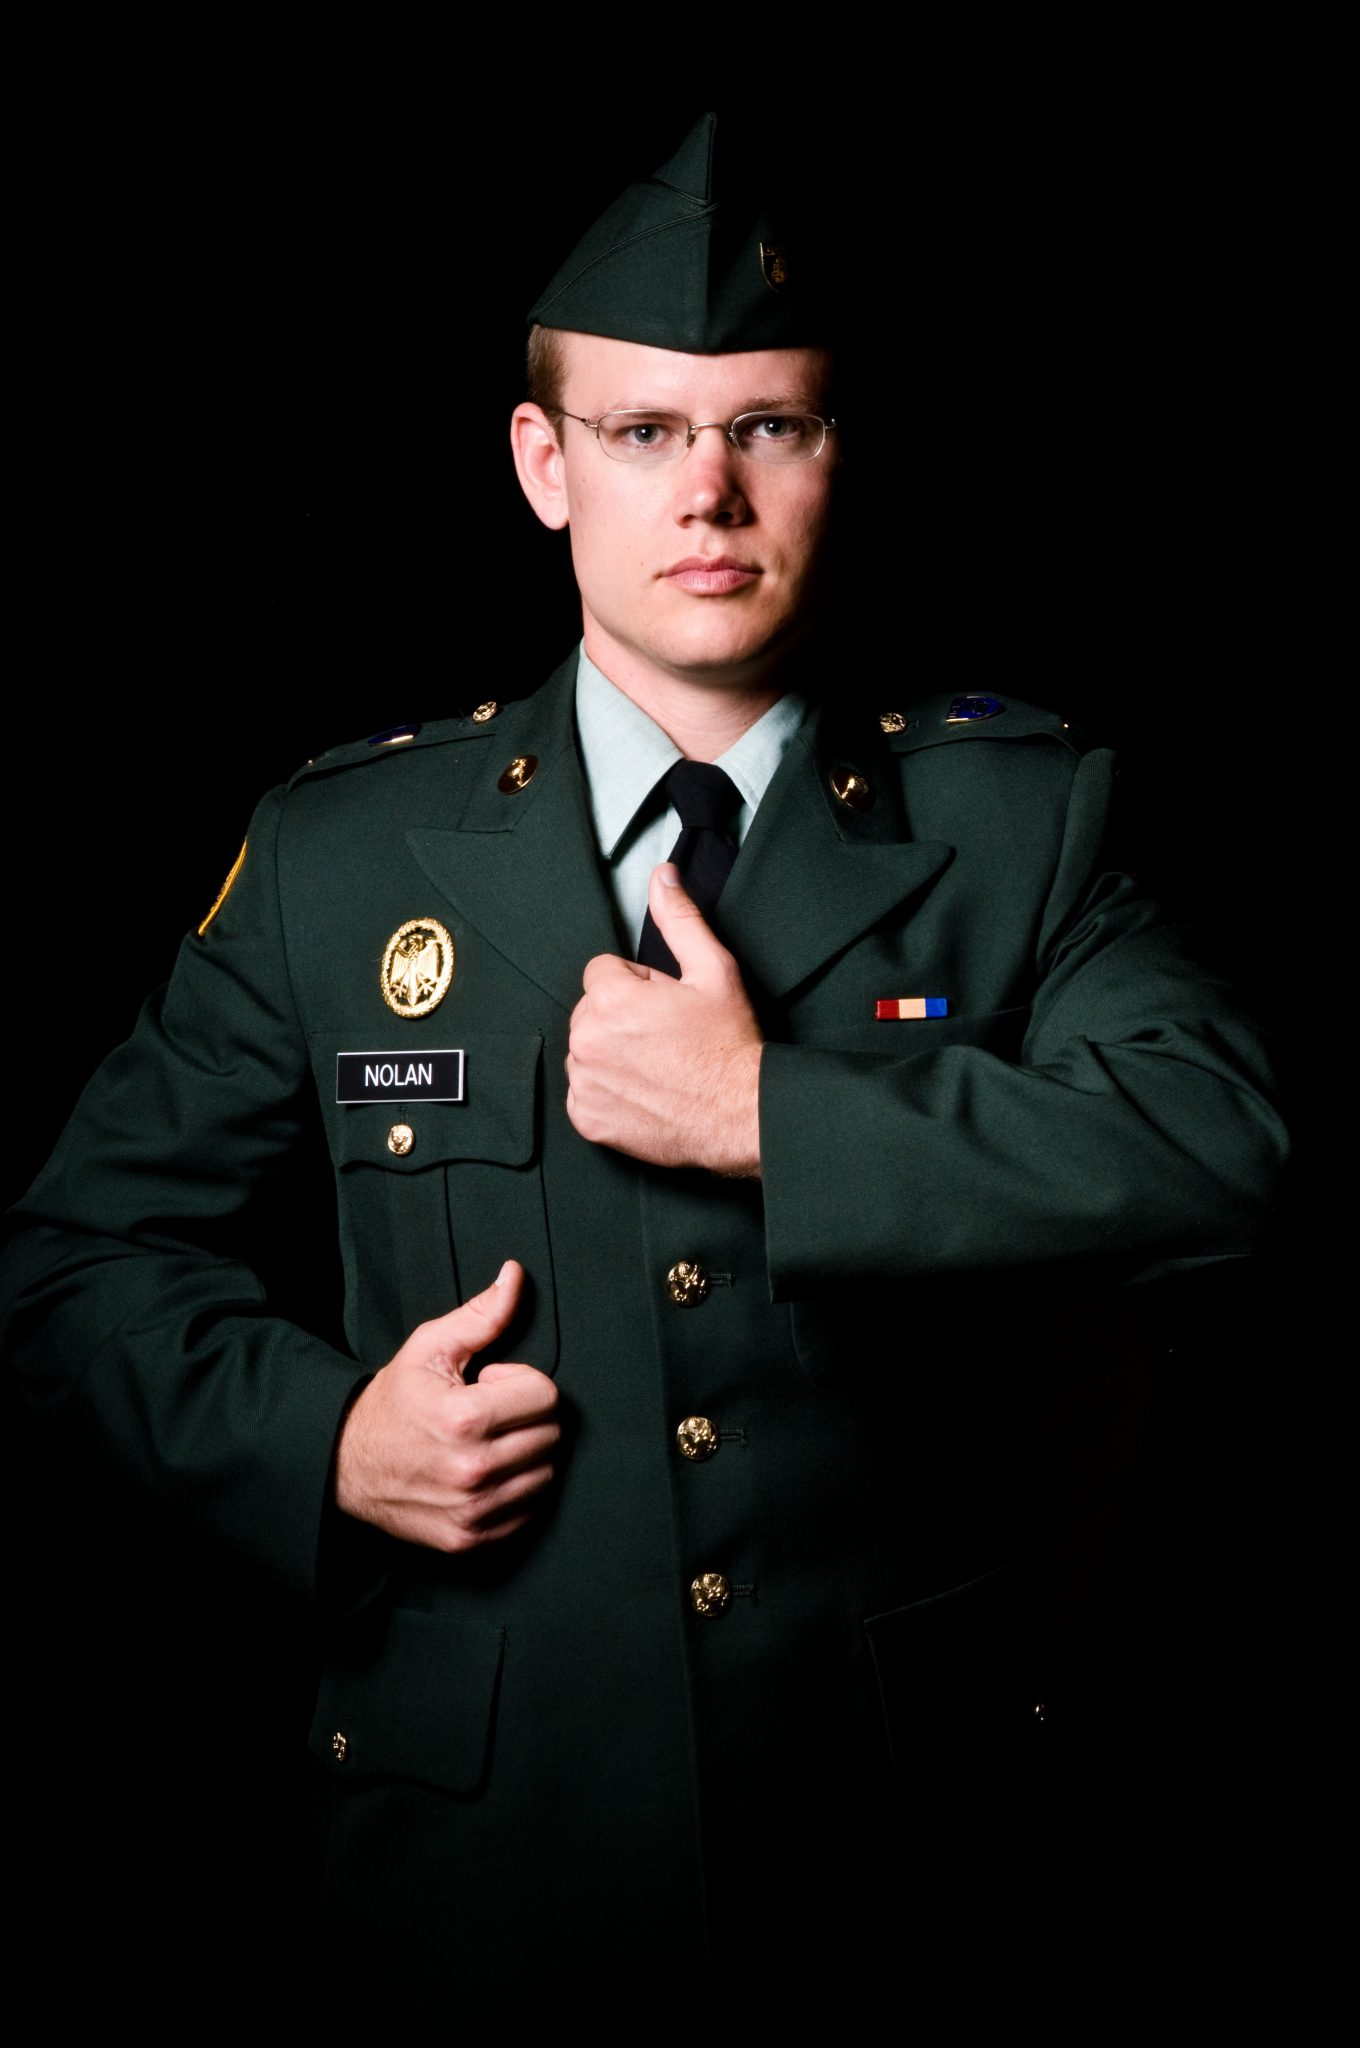 deaf soldier